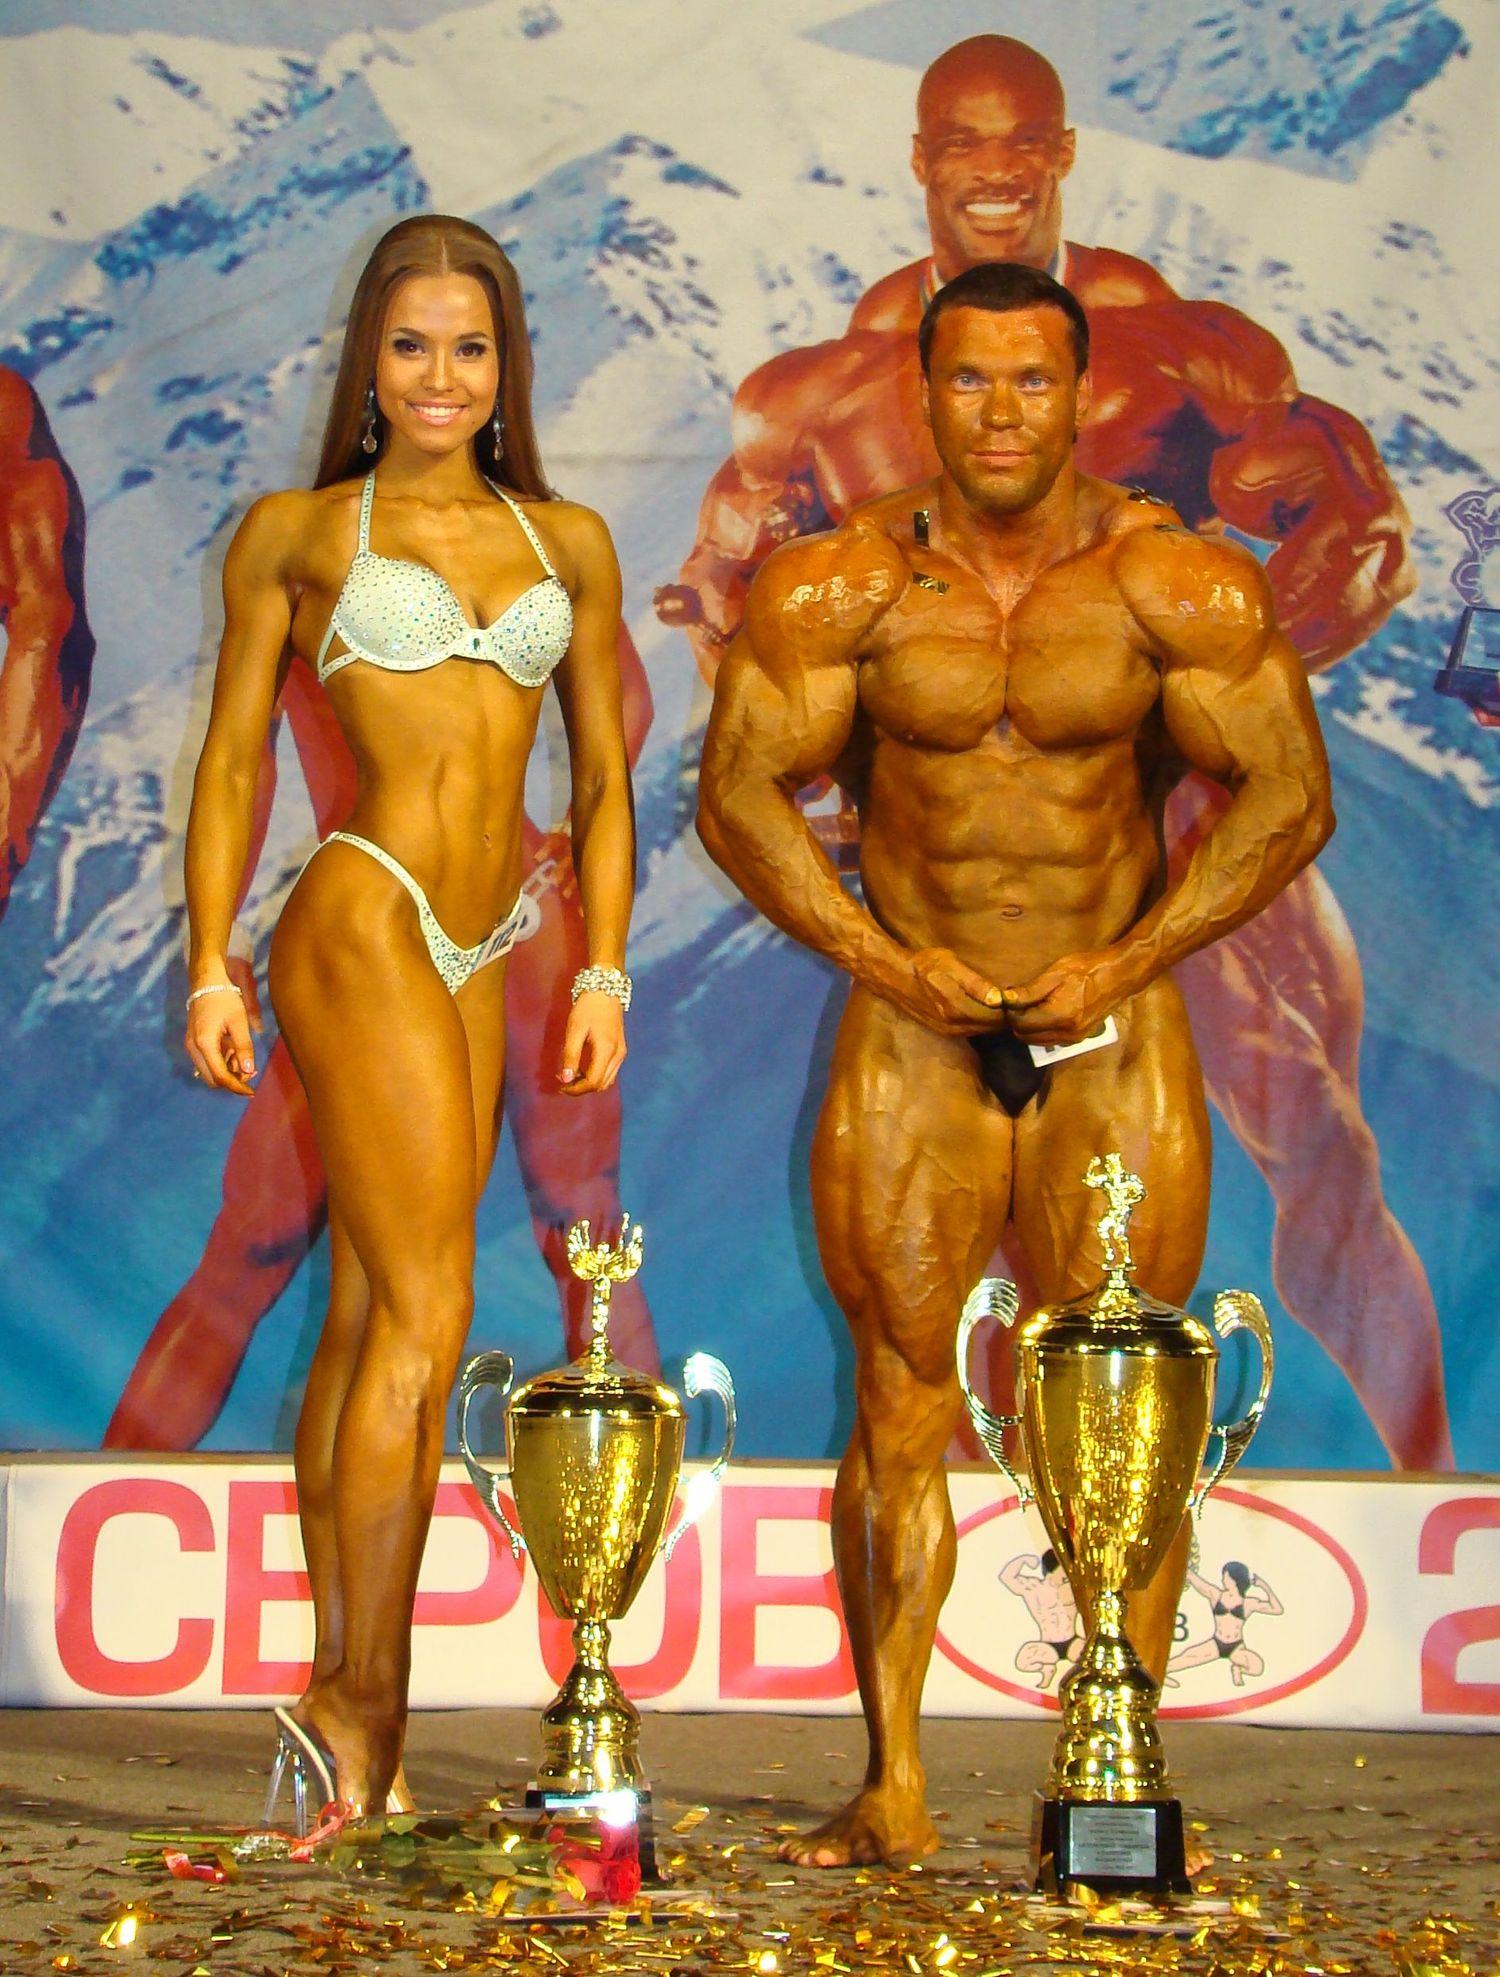 Абсолютные Чемпионы Урала 2014 года - Мукминова Елизавета и Колясников Александр (оба из Екатеринбурга)